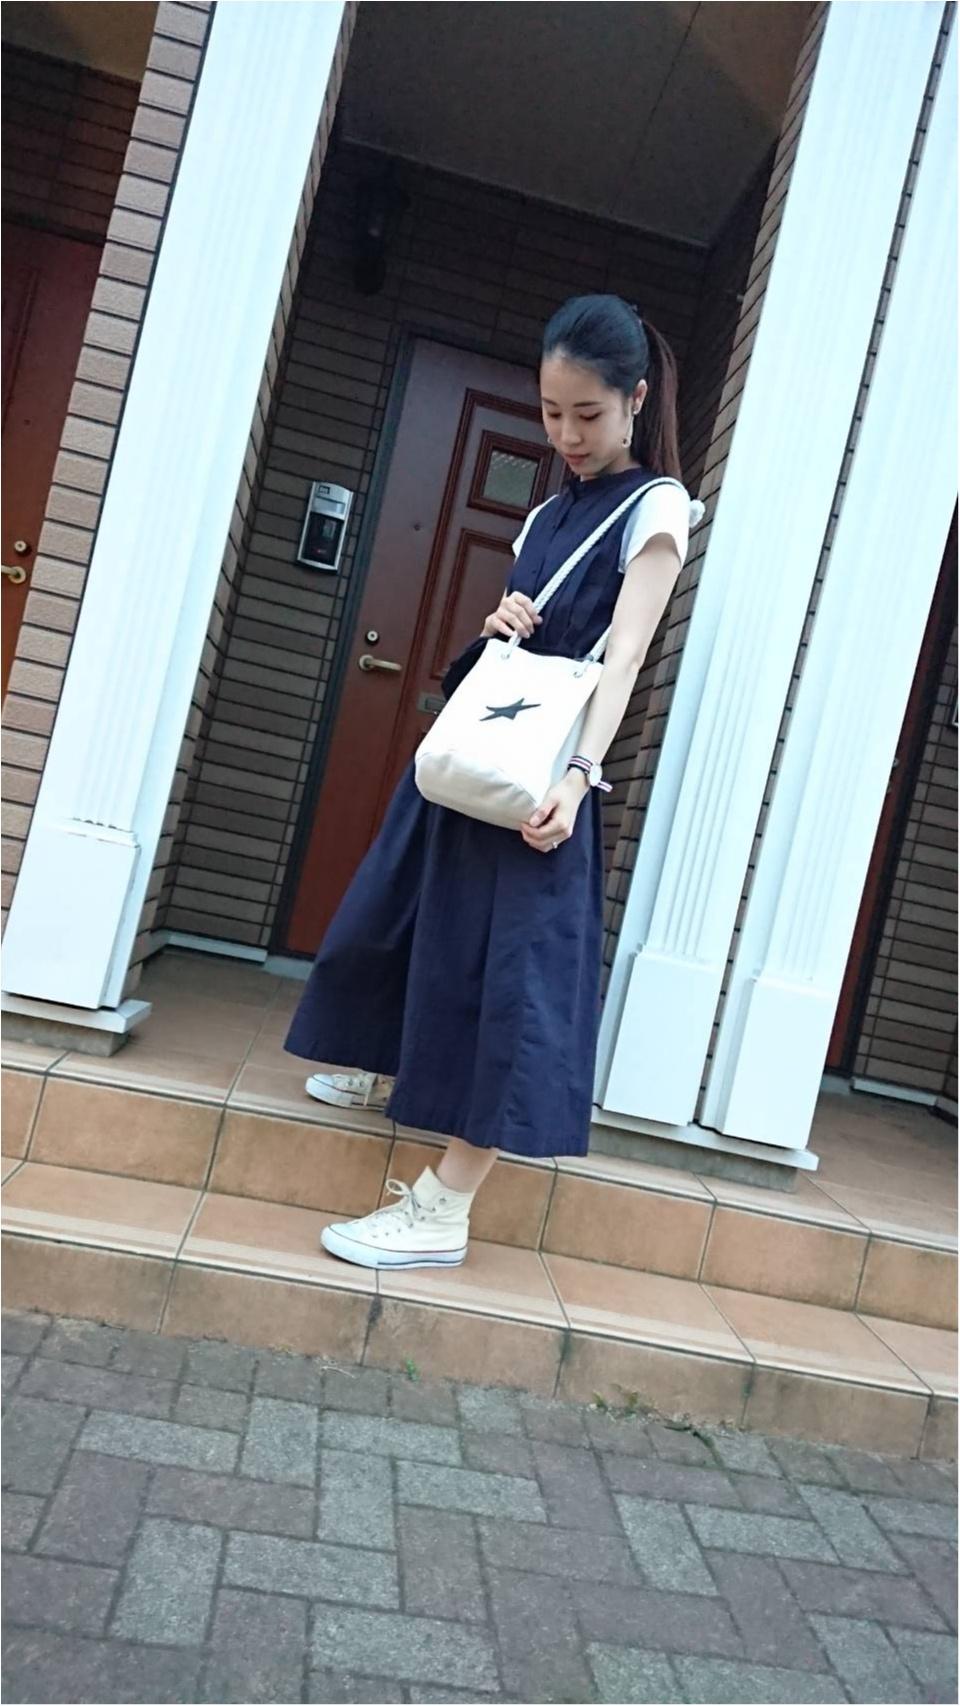 【UNIQLO】クルーネックTシャツと【カーキ】パンツで夏らしく♡_3